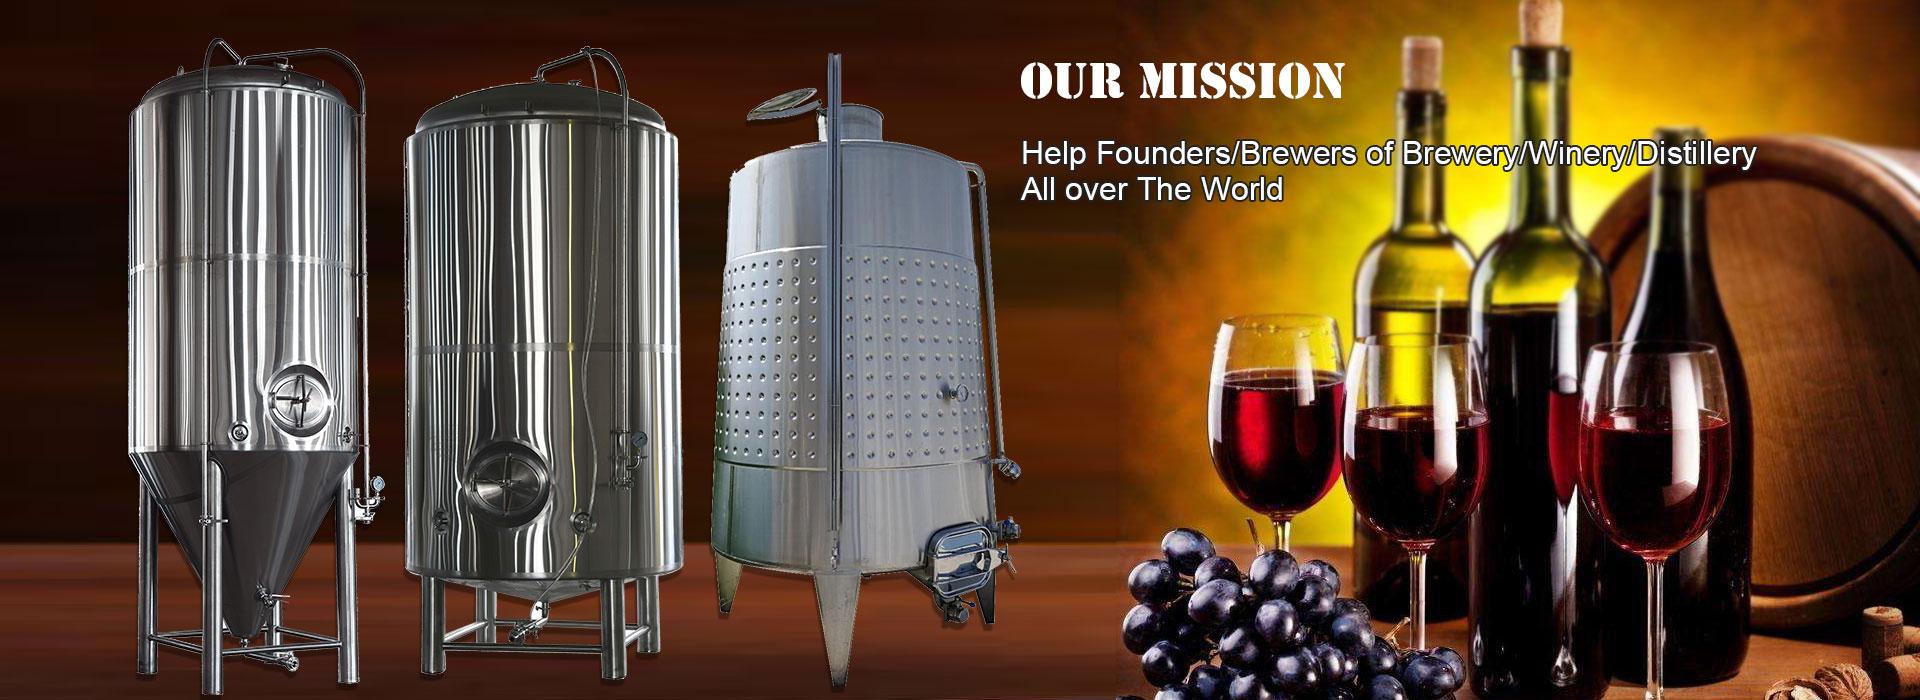 Equipo de elaboración de vino